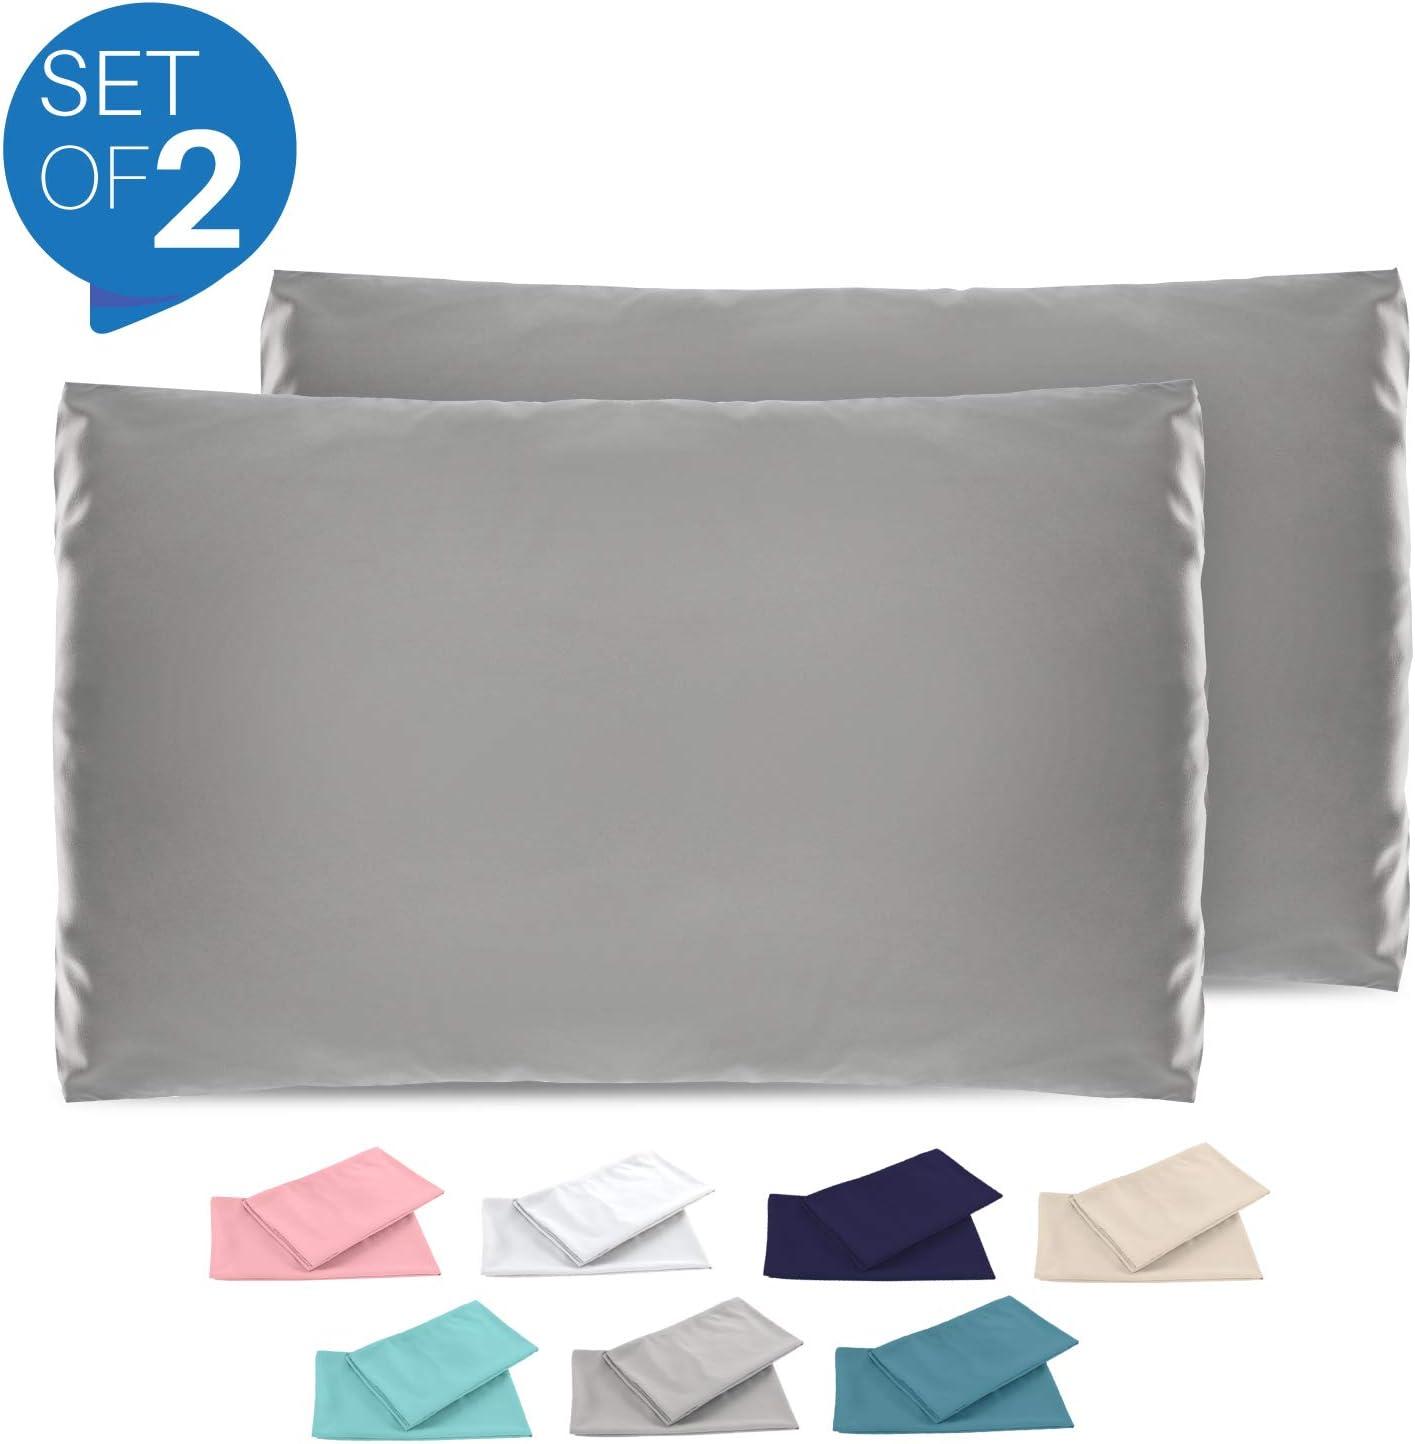 Dreamzie - Set de 2 x Funda de Almohada 40x70 cm, Gris Antracita, Microfibra (100% Poliéster) - Fundas de Almohadas Hipoalergénica - Fundas de Cojines de Calidad con una Suavidad Incomparable